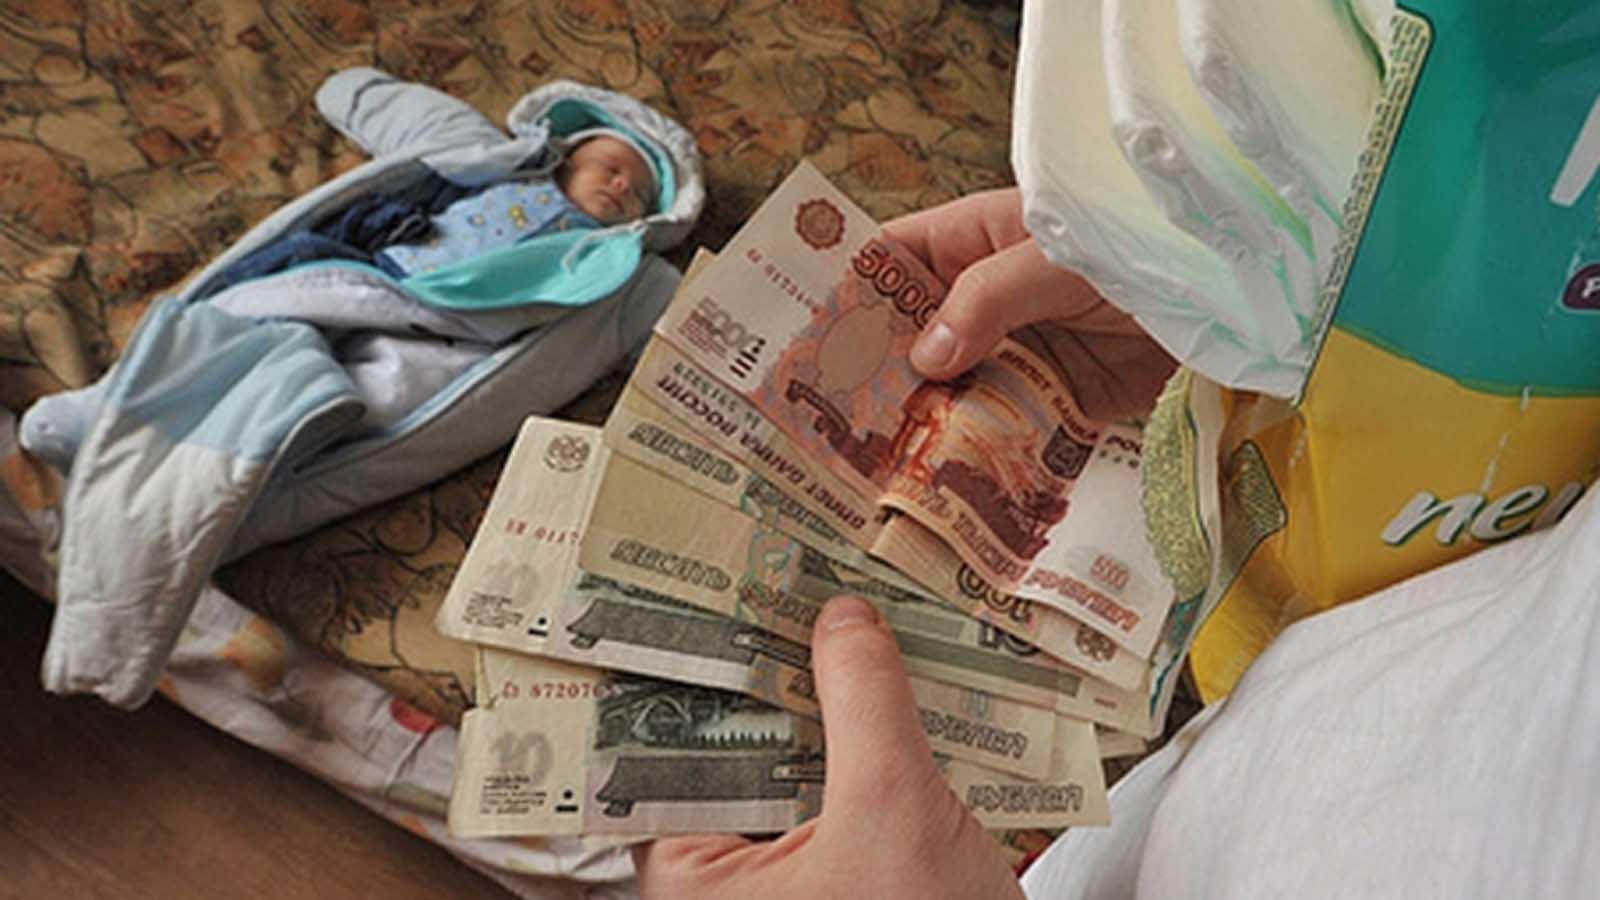 Пособие на детей для малообеспеченных семей с 1 июля 2019 года: на сколько повысят, что сказал Медведев